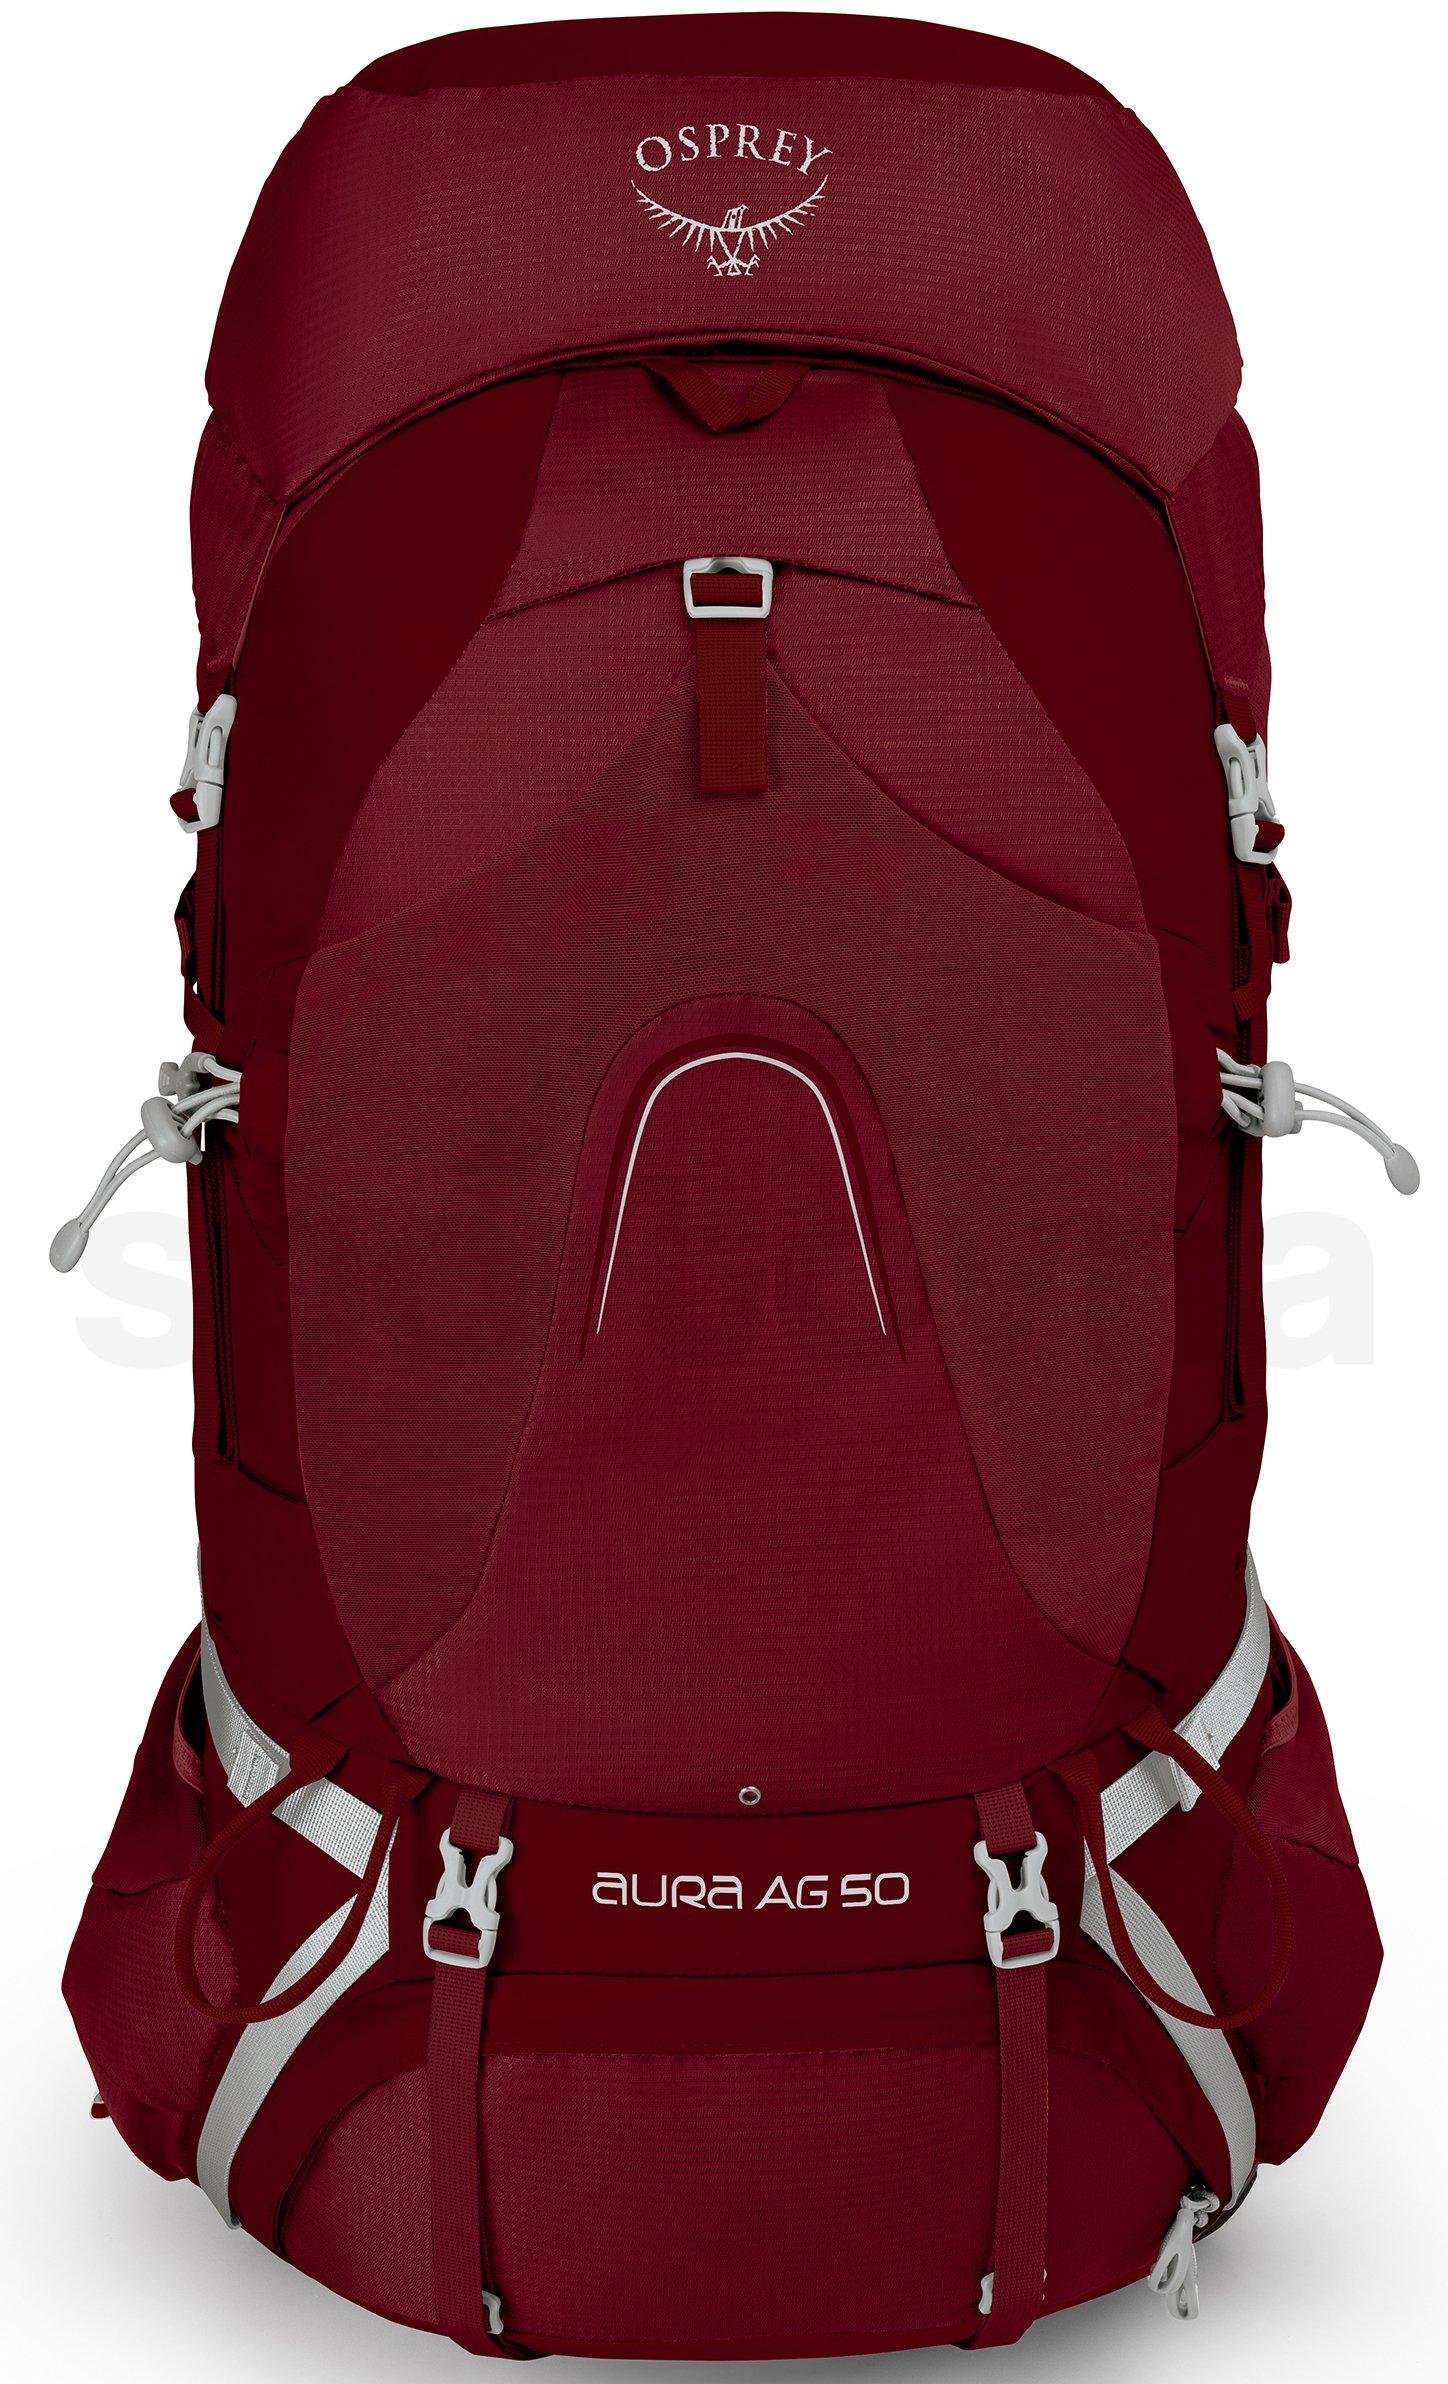 604020c671 Dámský turistický batoh Osprey Aura AG 50 II - gamma red - Sportovna